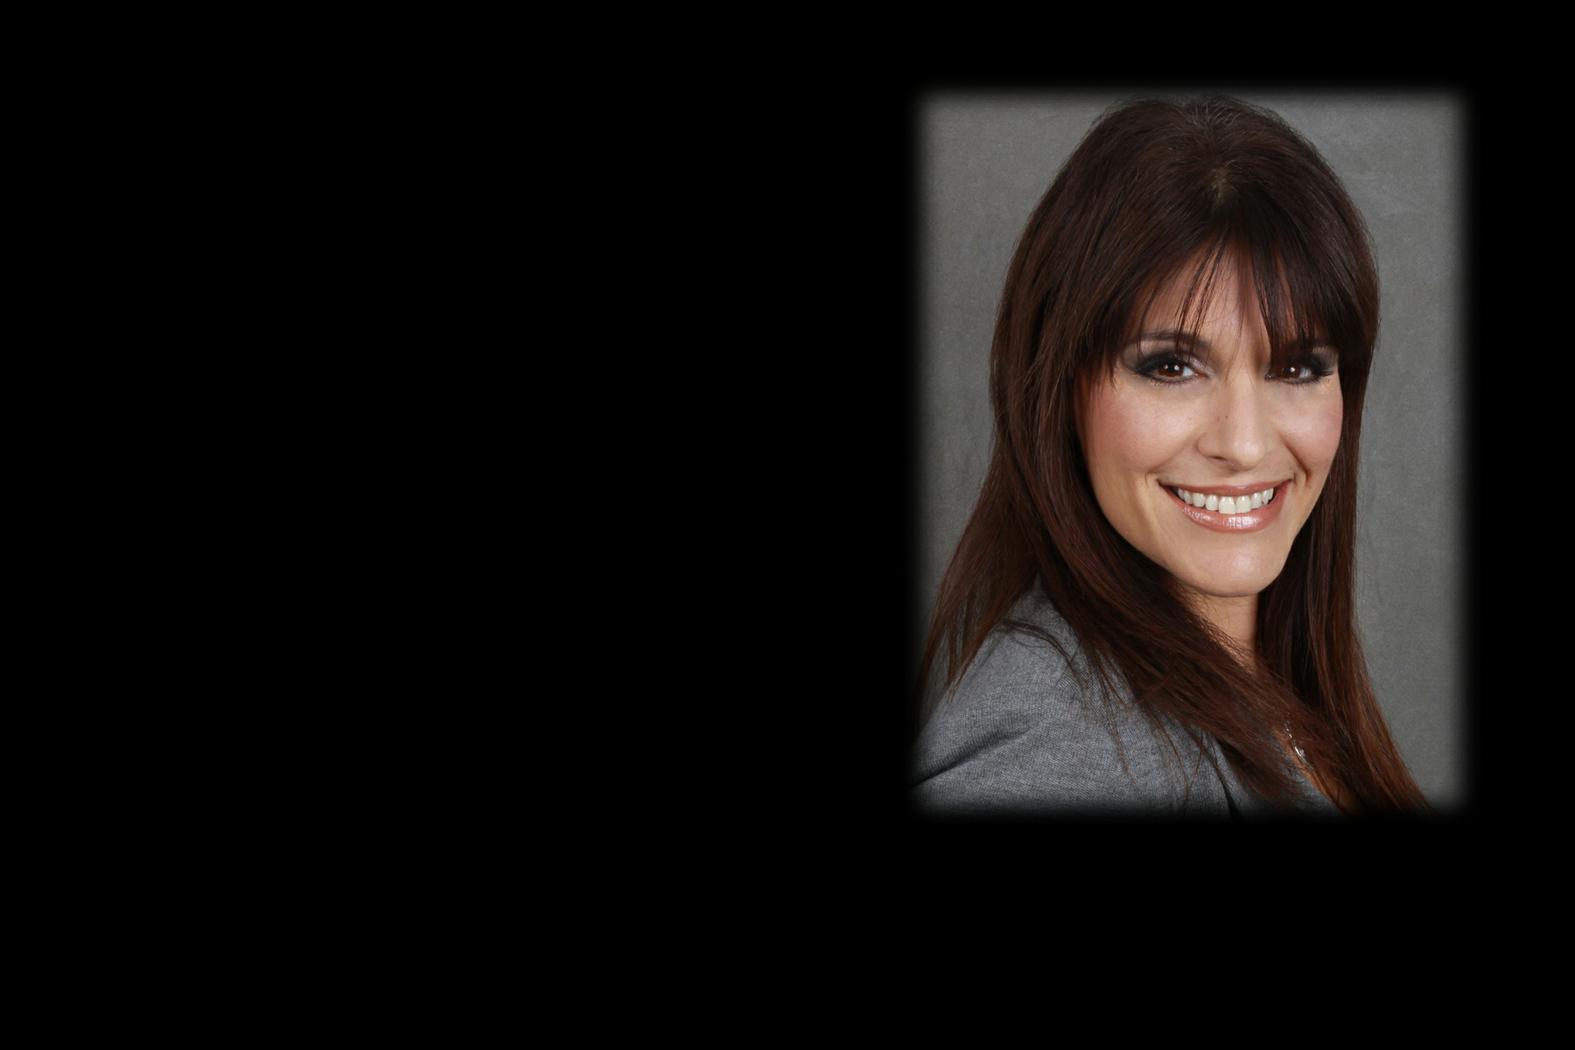 Michelle Munro